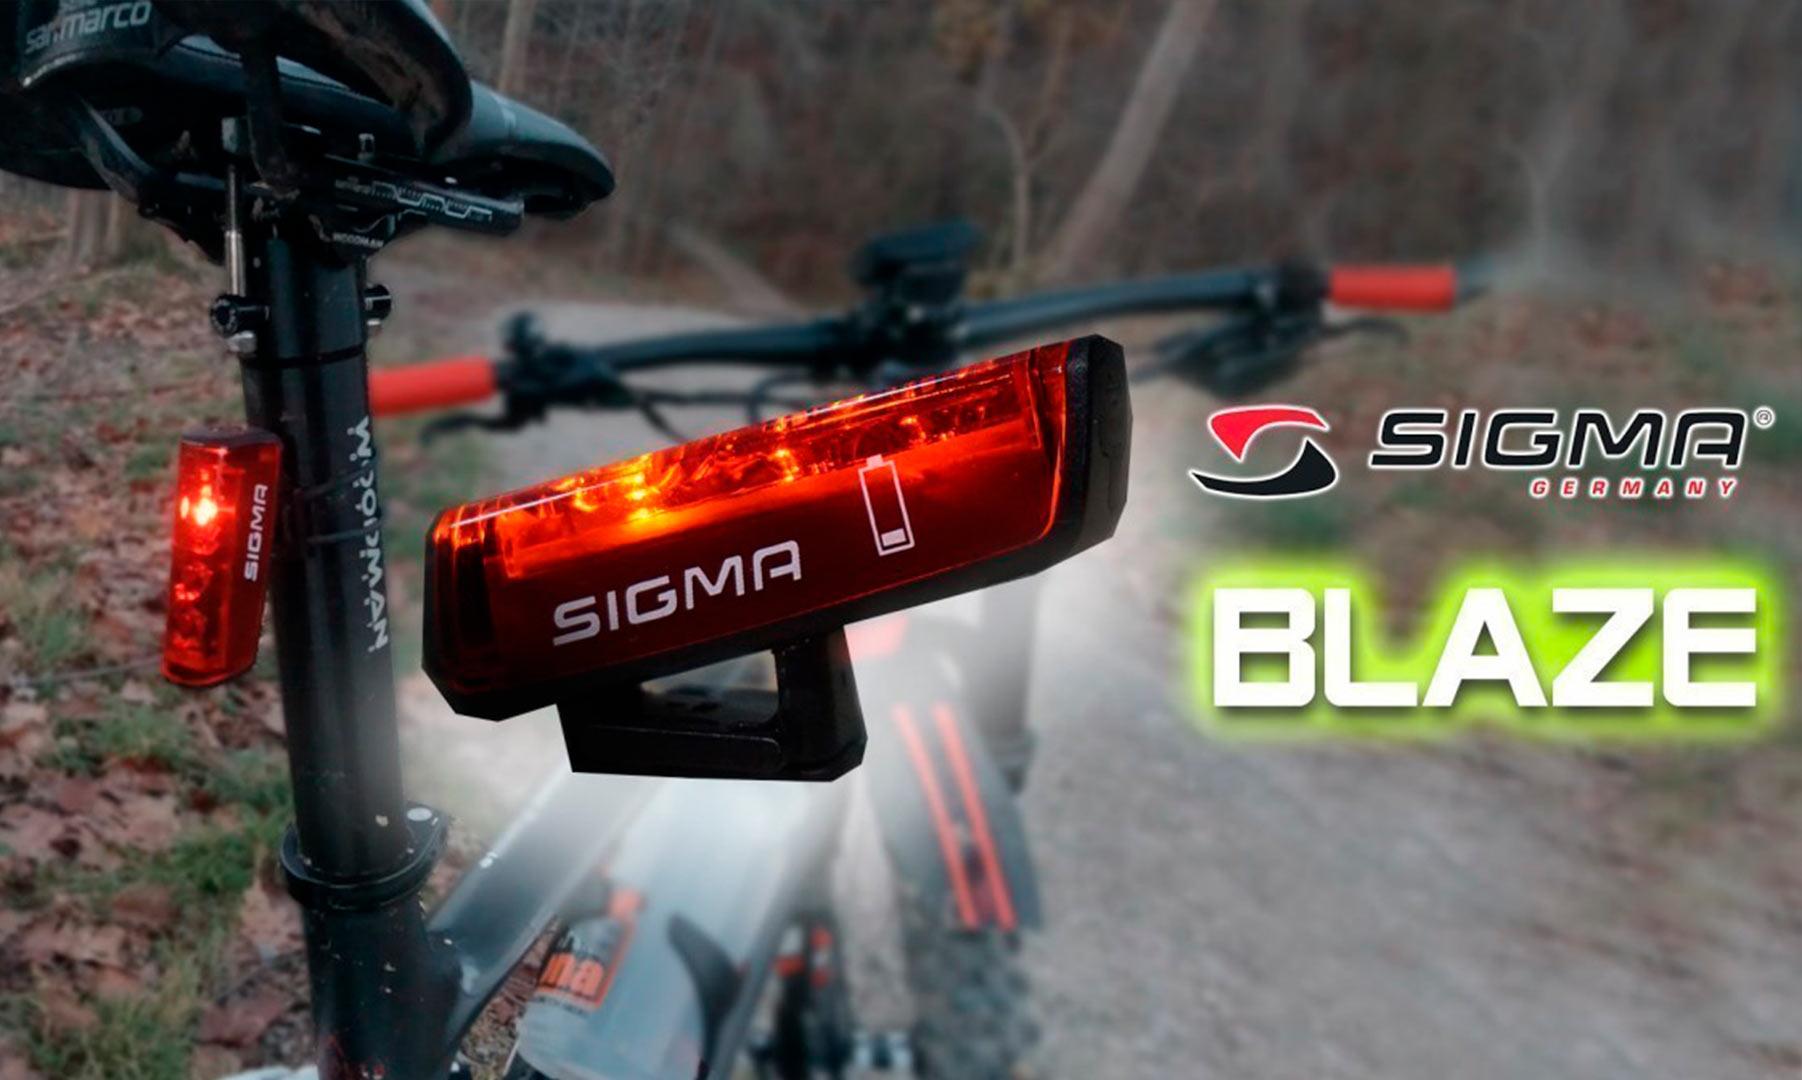 Luz trasera inteligente Sigma BLAZE con función de frenado